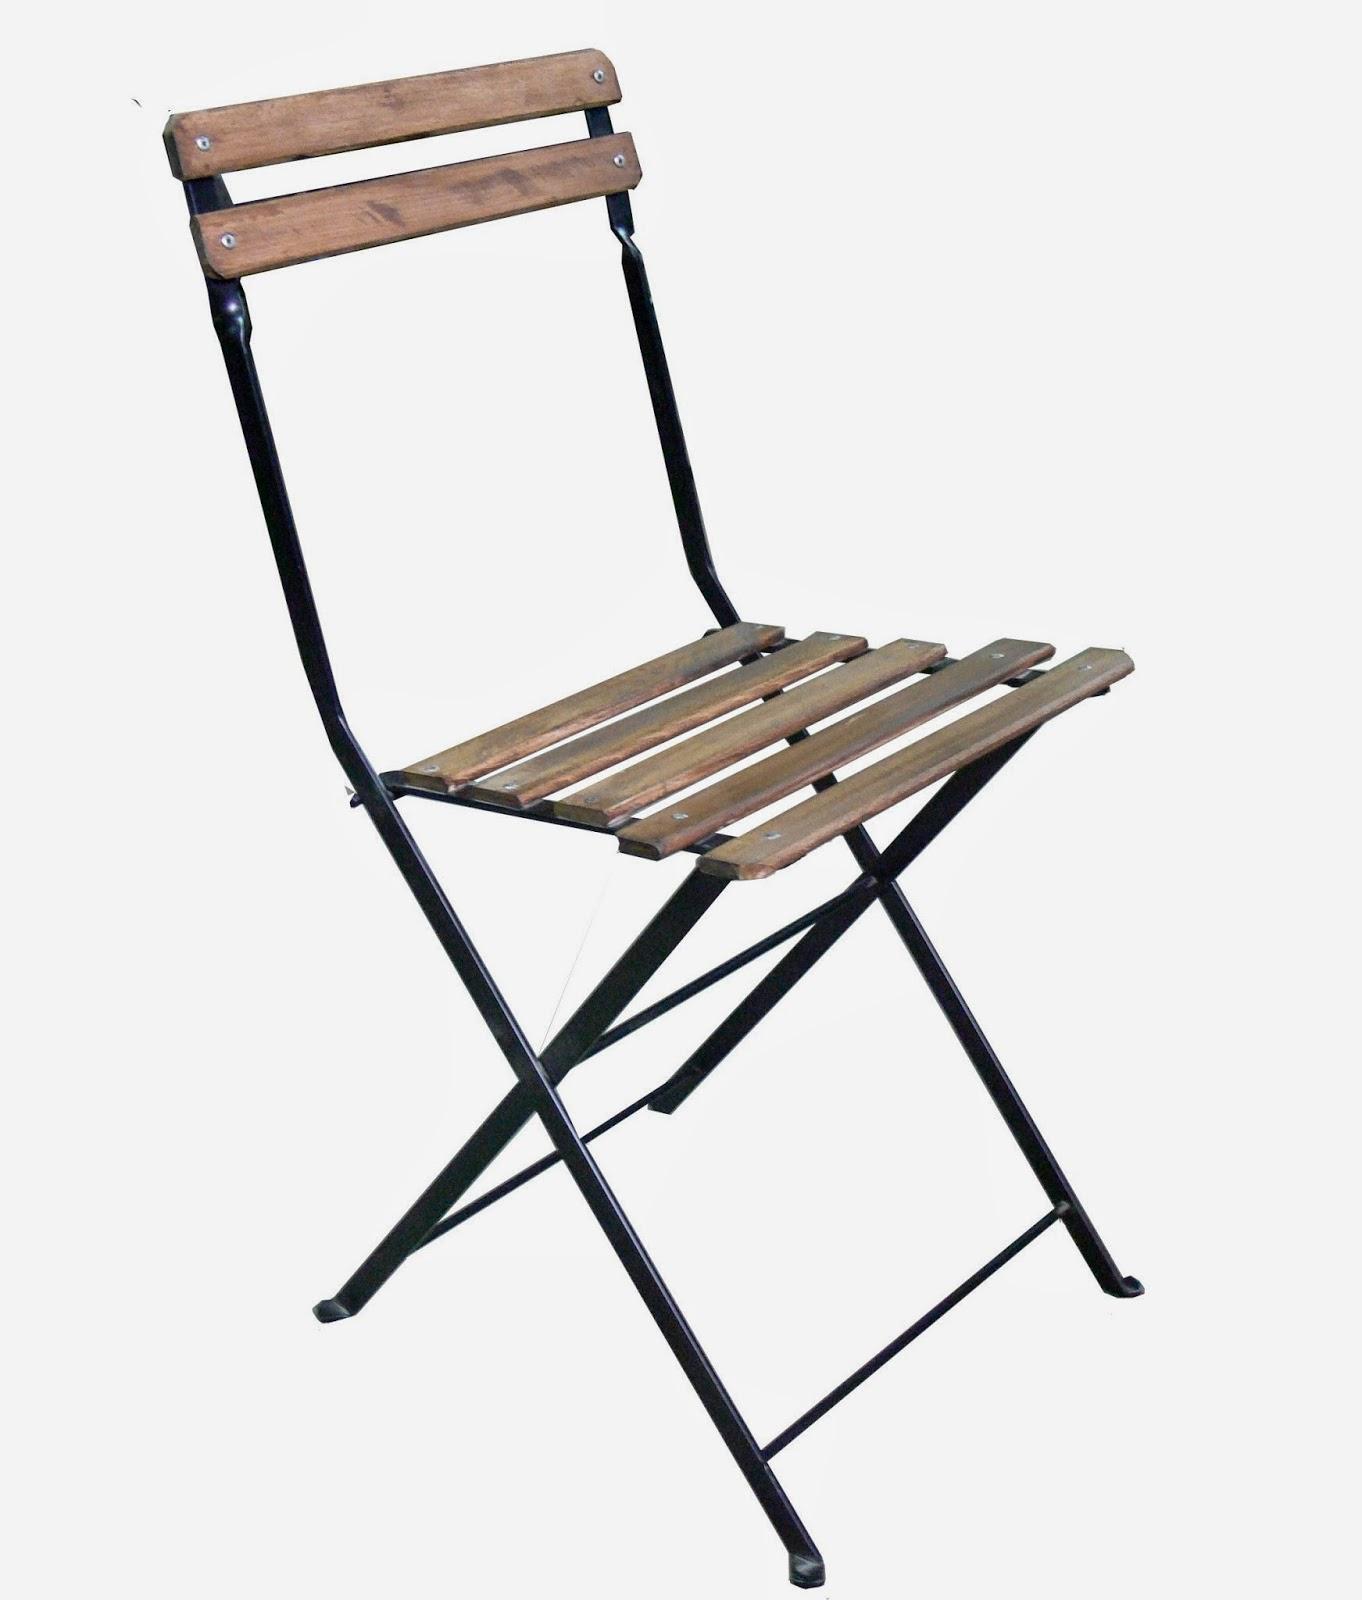 Mesas y sillas de hierro forjado artesanalmente en for Sillas para quincho apilables